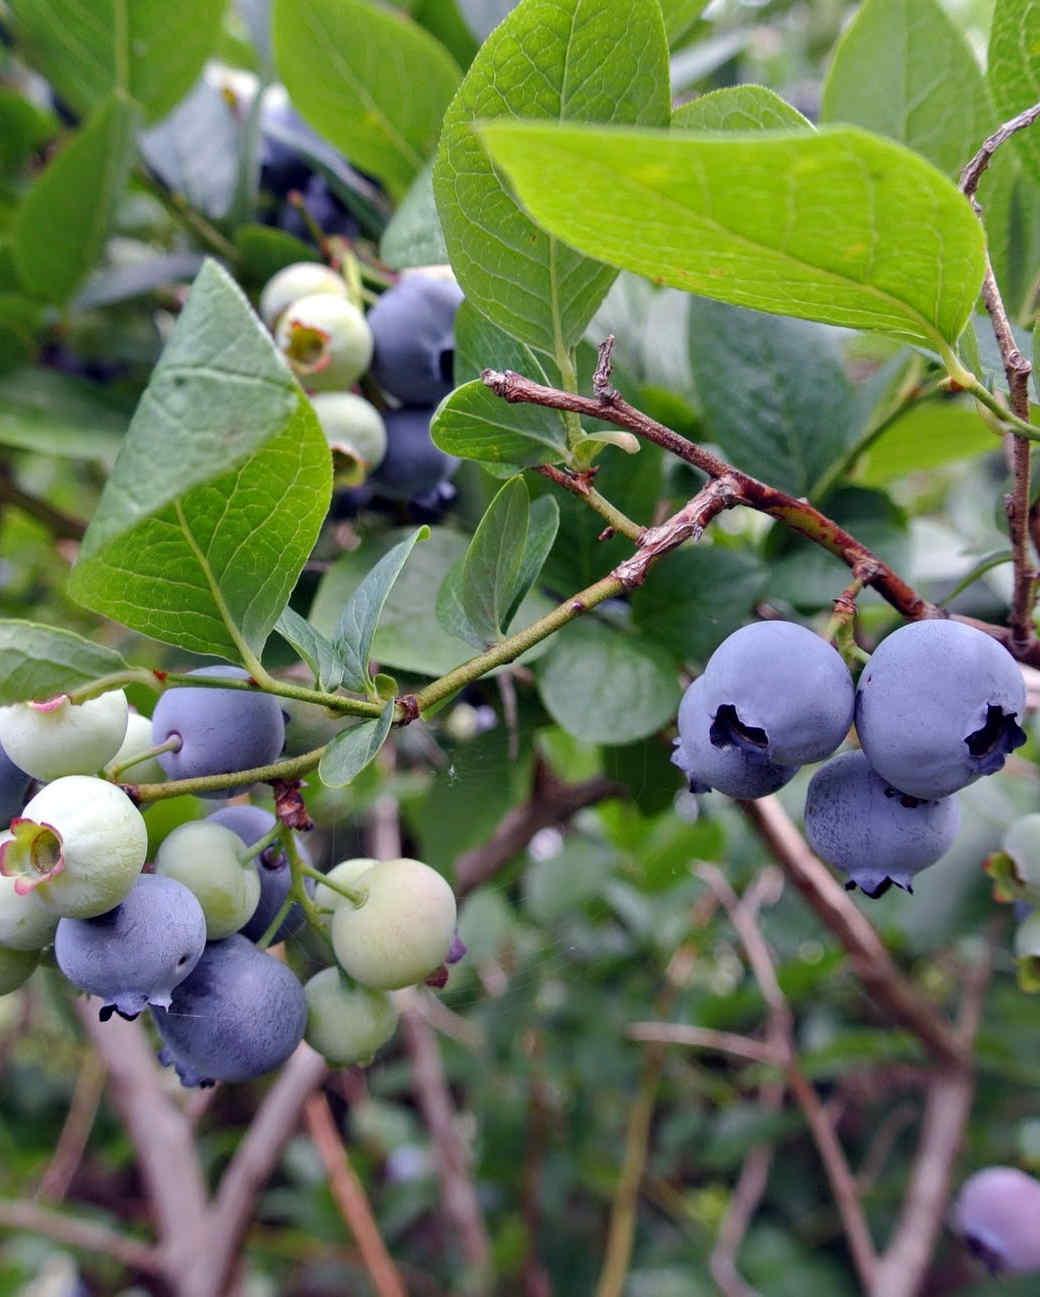 picking-blueberries-01.jpg